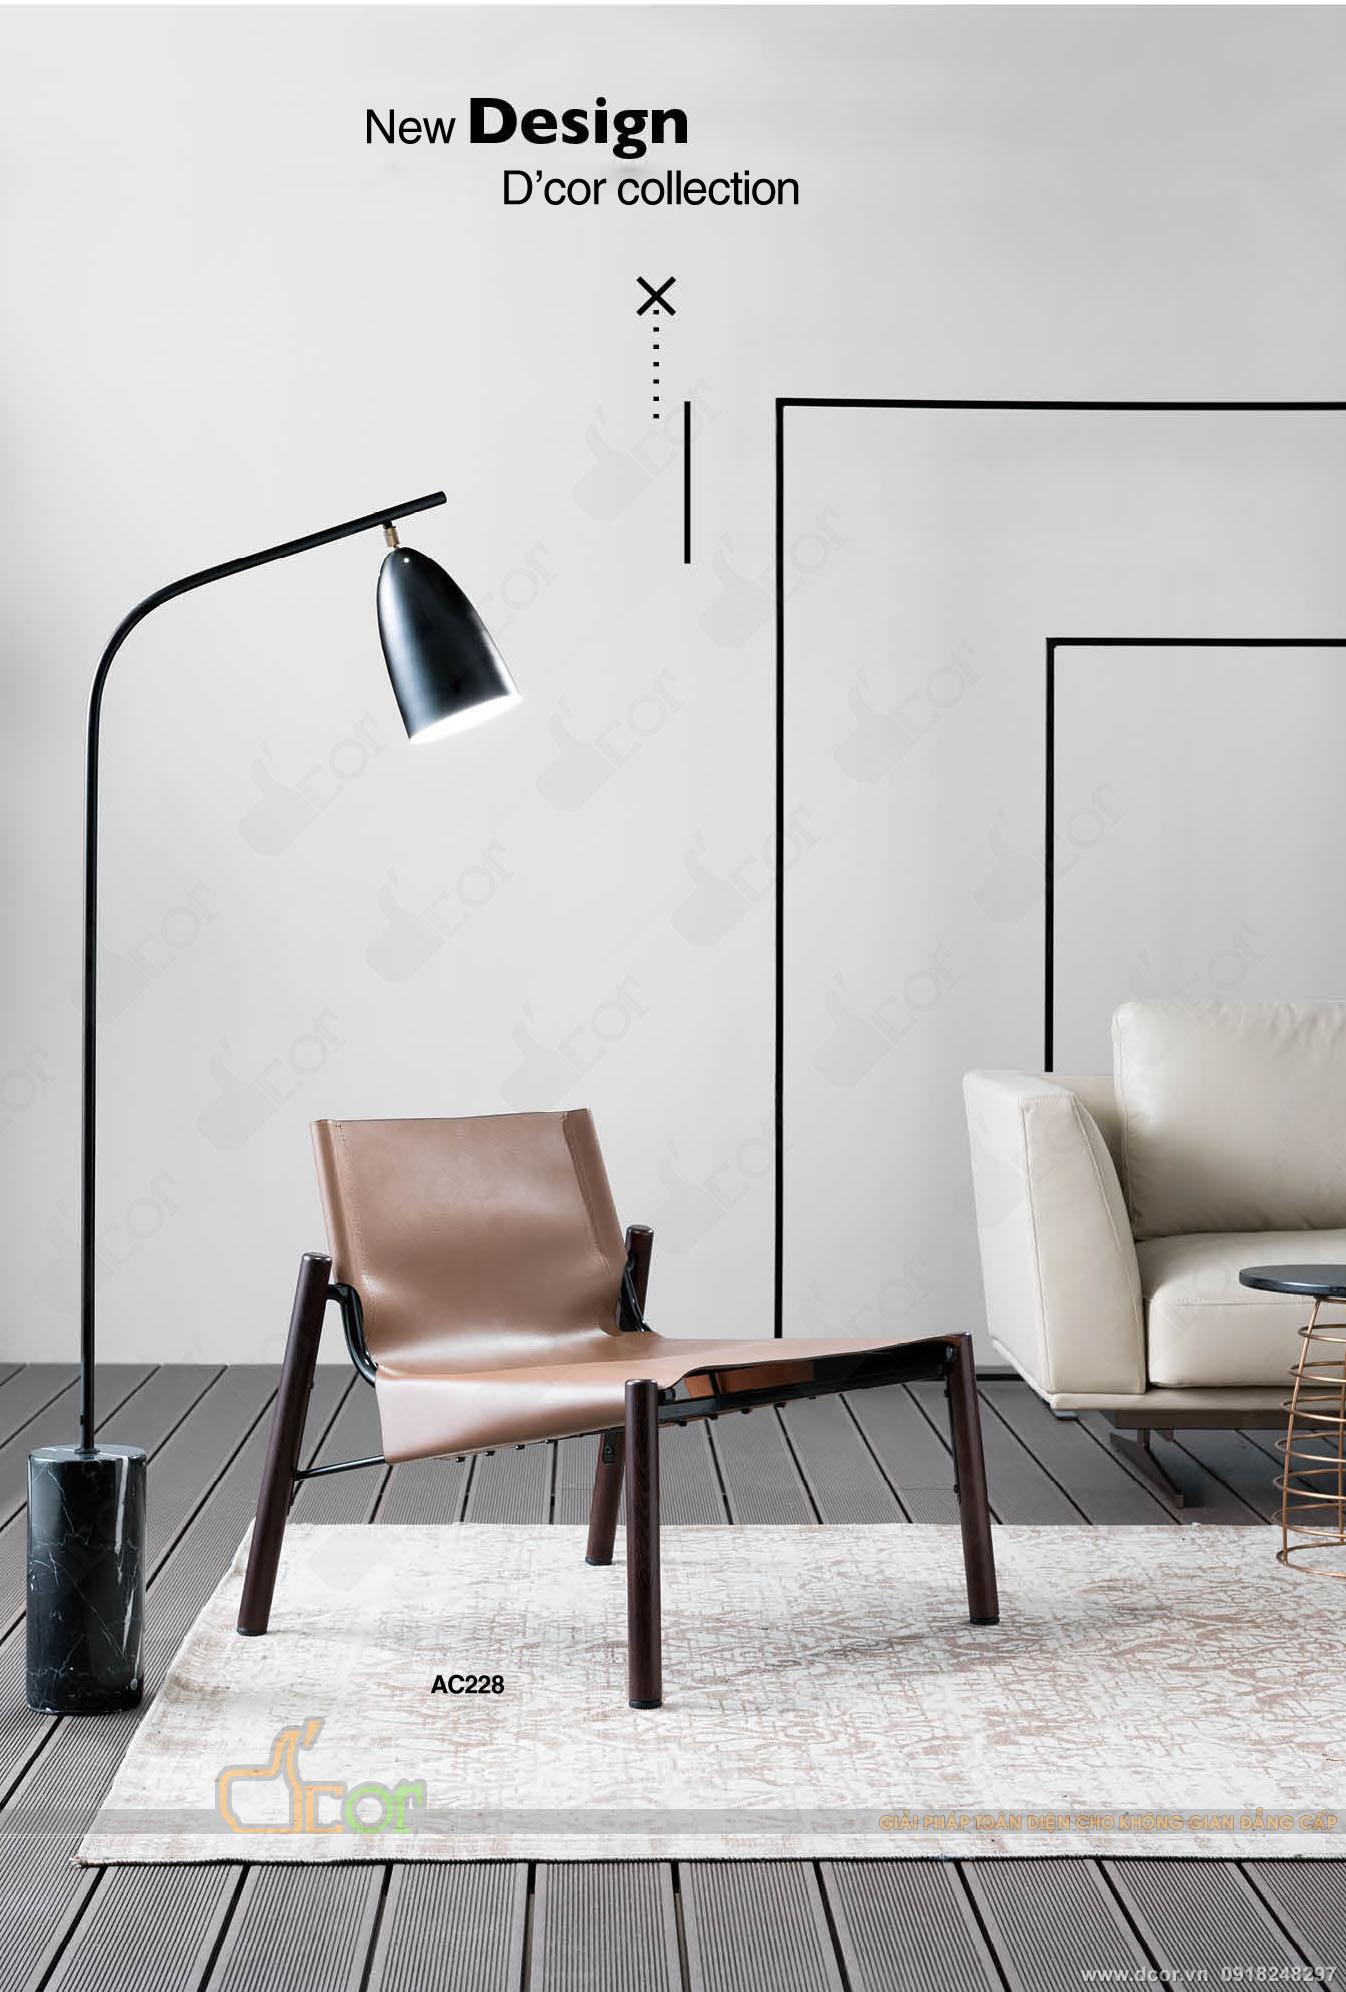 Ghế da cao cao cấp tiện ích cho phòng khách hiện đại